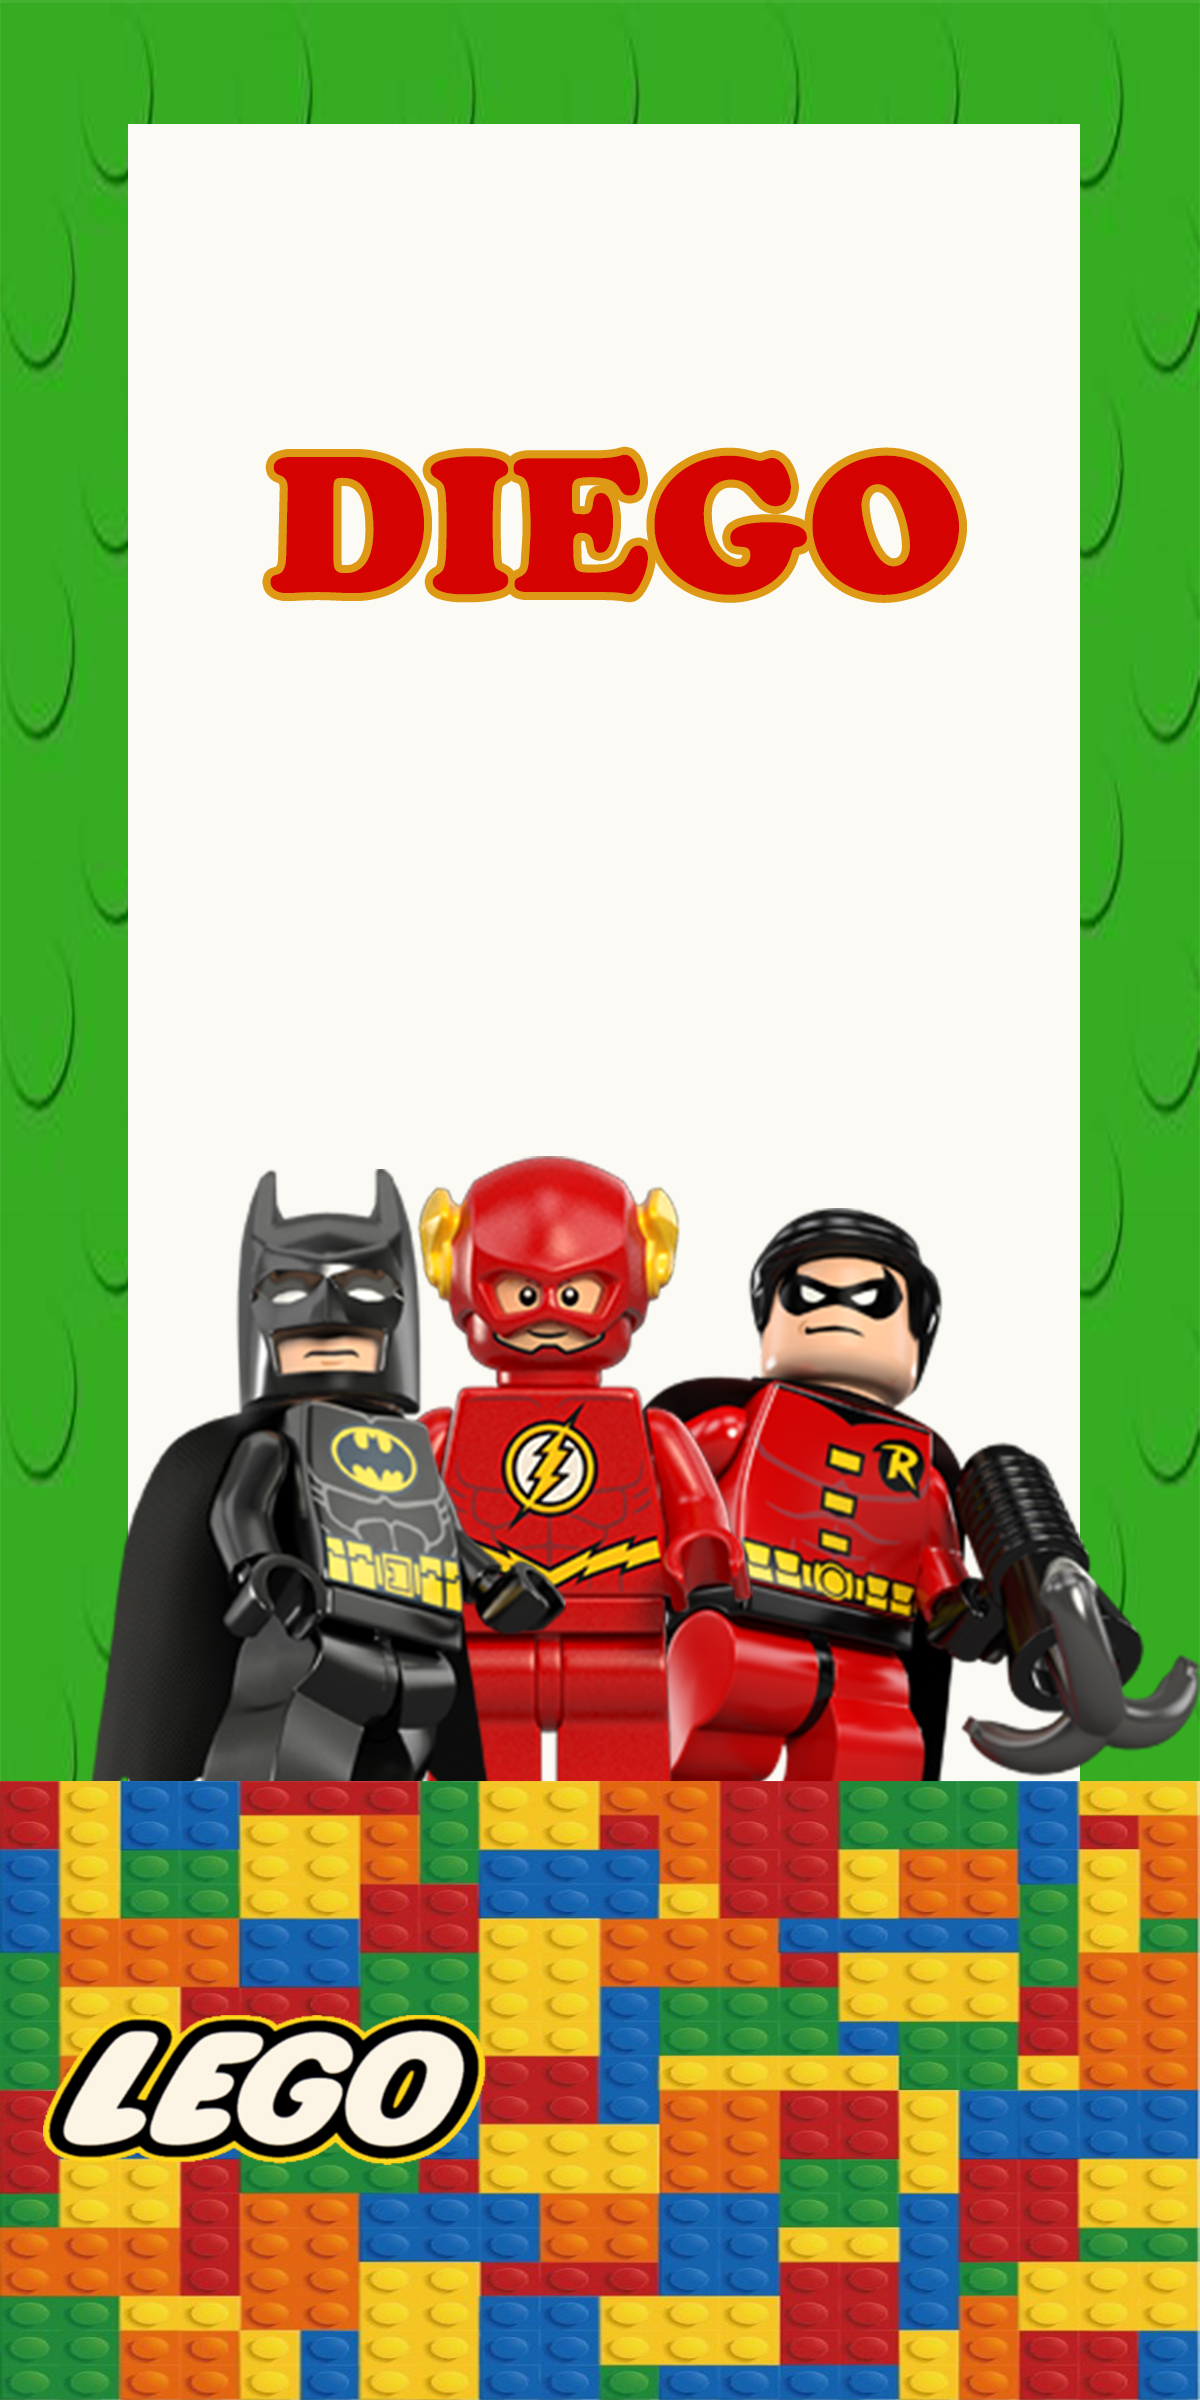 LEGO   ANABELLE ARTE E CRIAÇÕES   Elo7